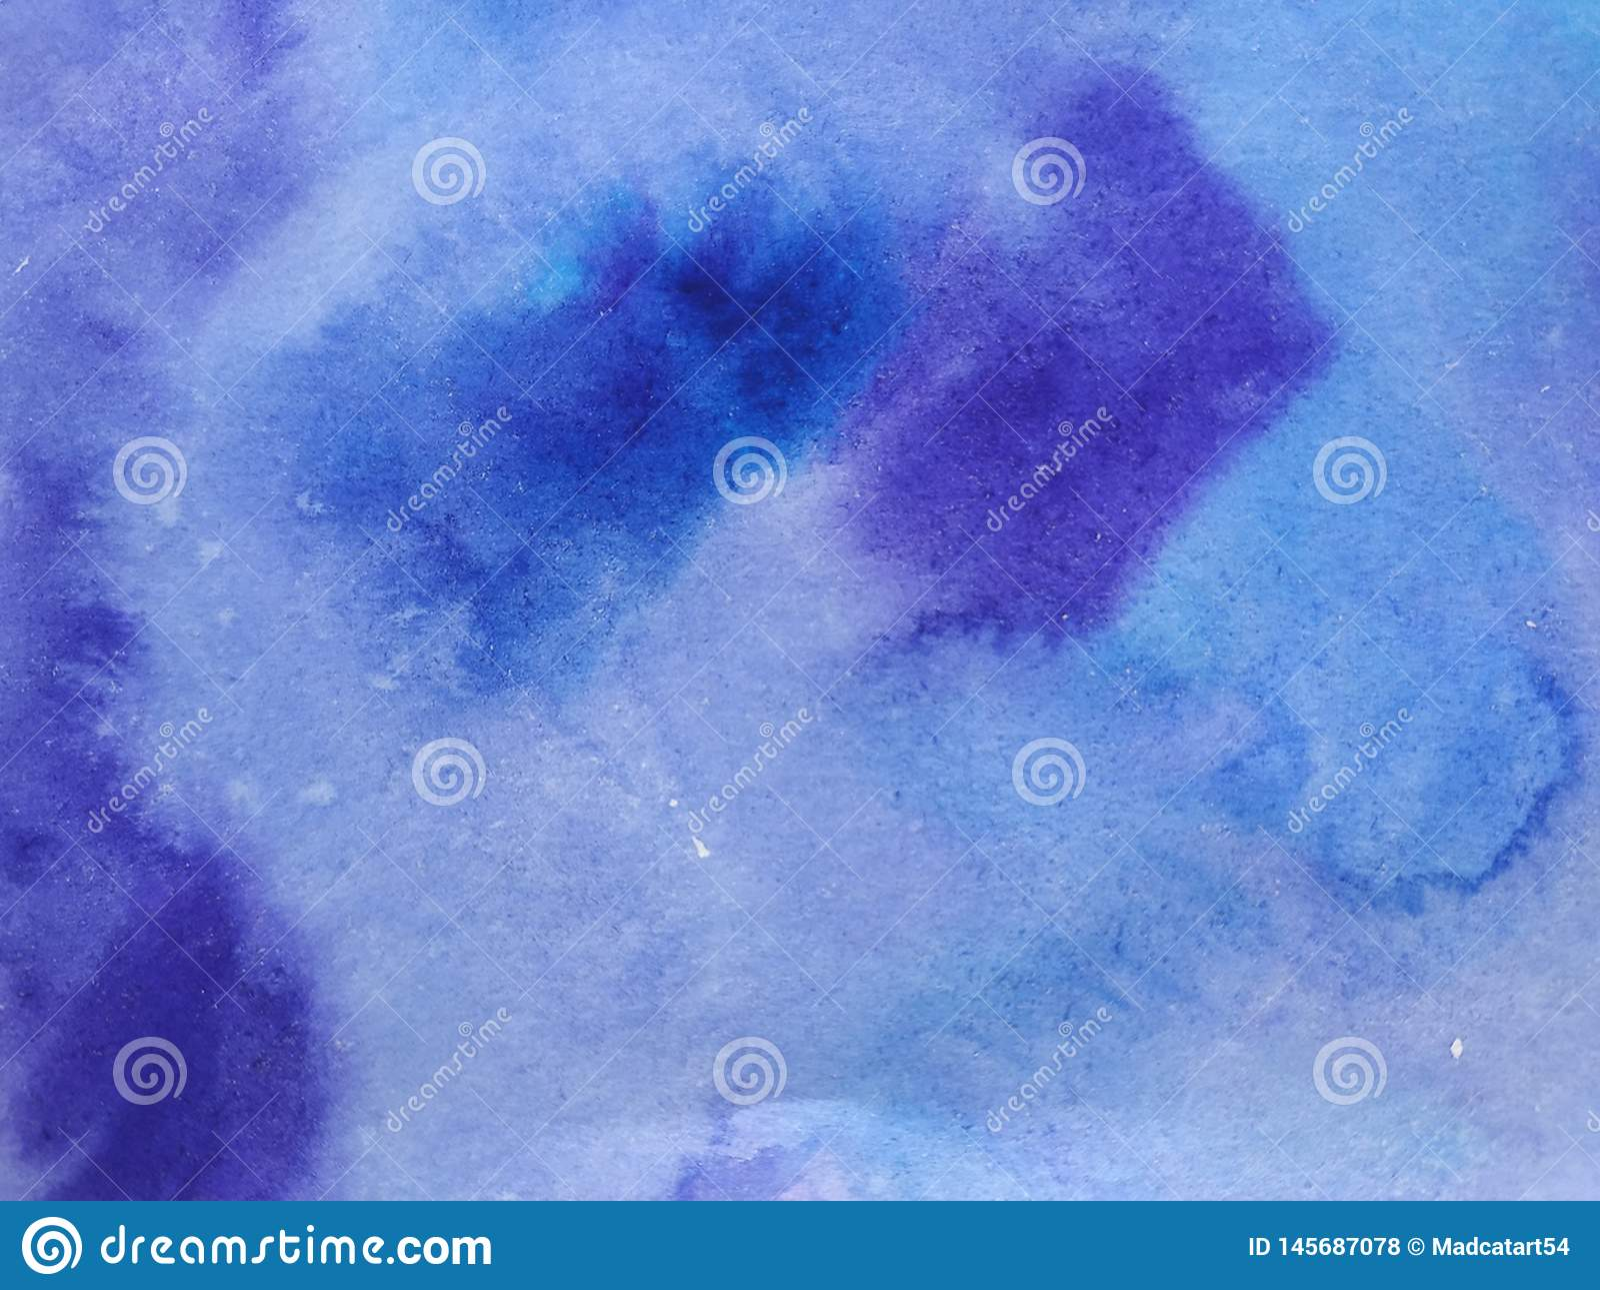 Vattenfärgviolett-blått bakgrund